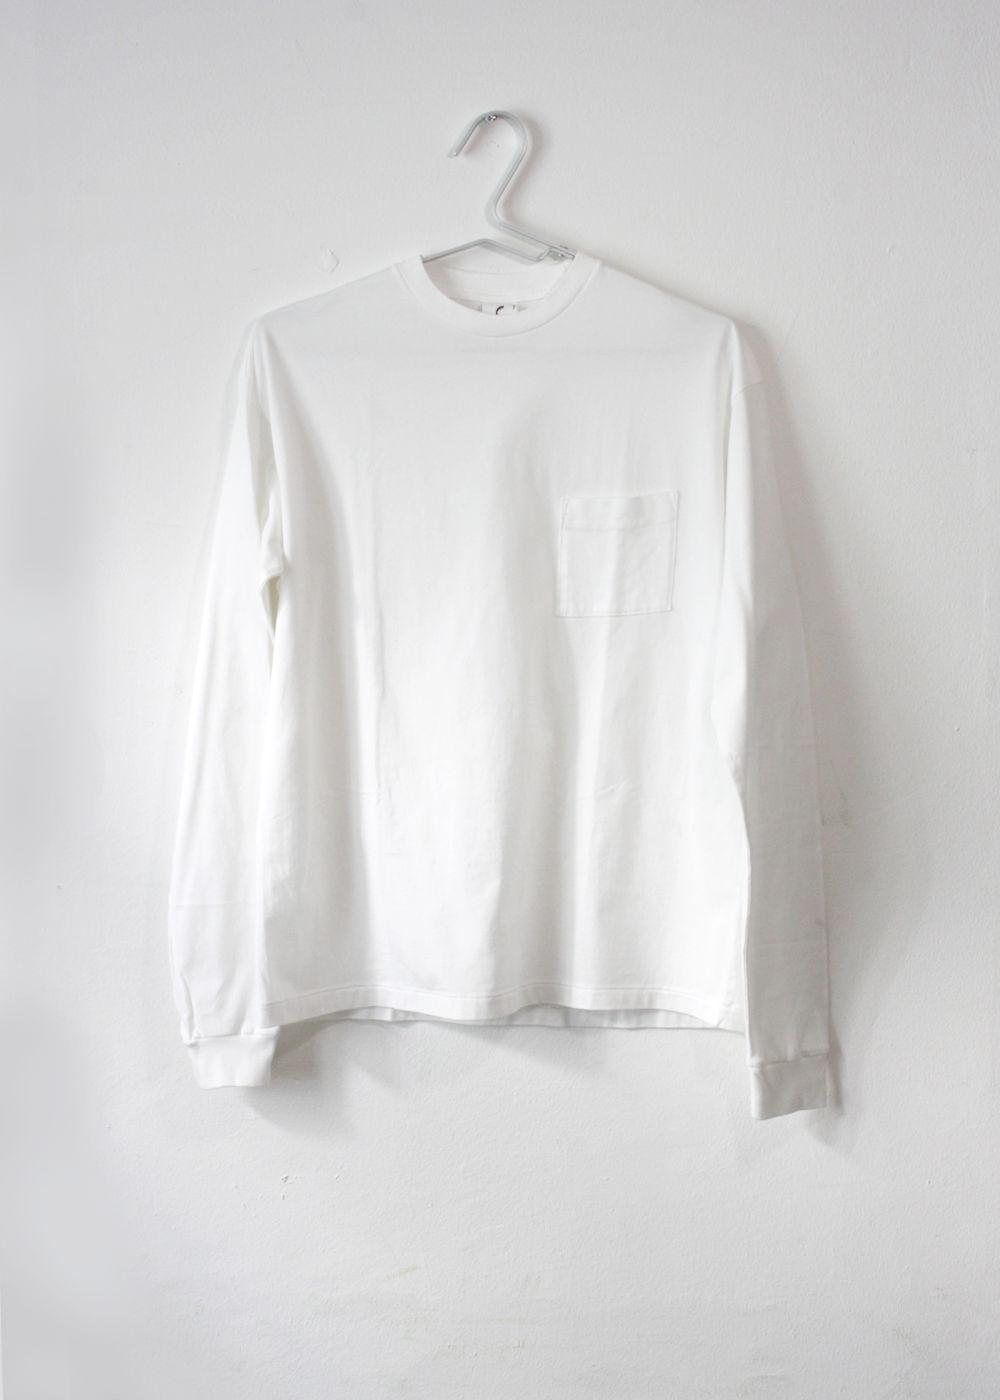 CTheHadagi-Crew-Neck-Long-Sleeve-T-shirts-White